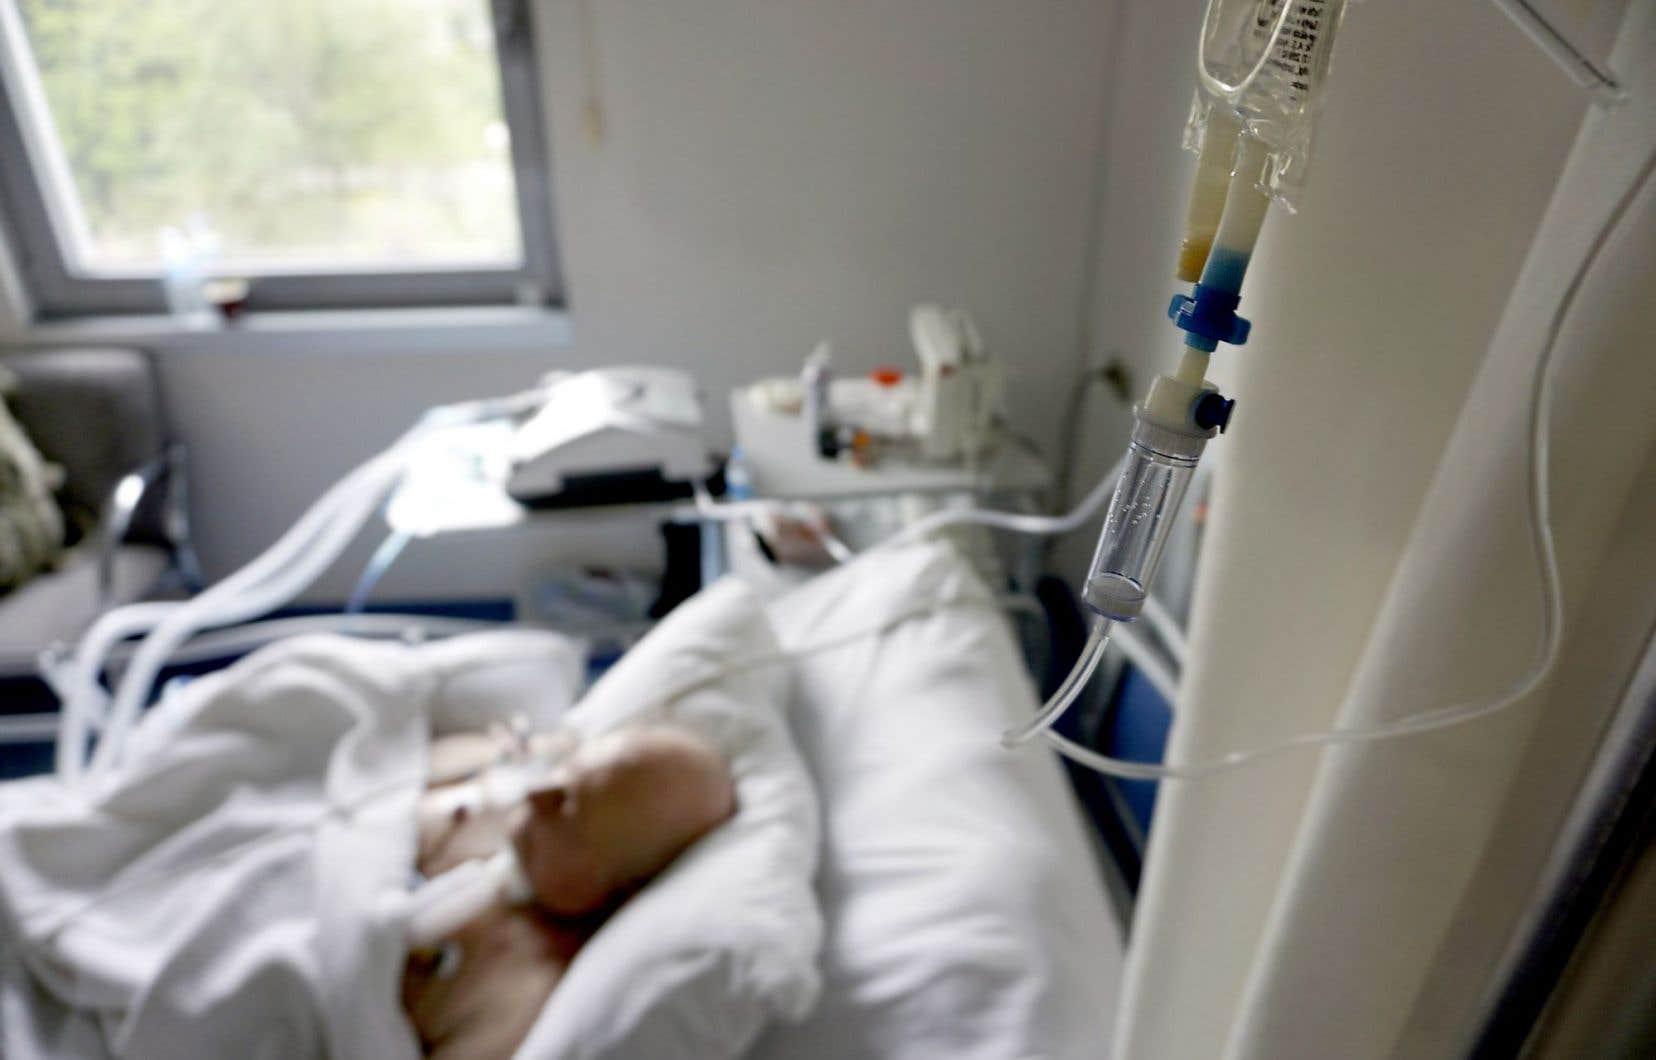 Un sondage réalisé par l'AMC révèle qu'une majorité de médecins pourrait bien être favorable à un élargissement de l'accès à l'aide médicale à mourir.